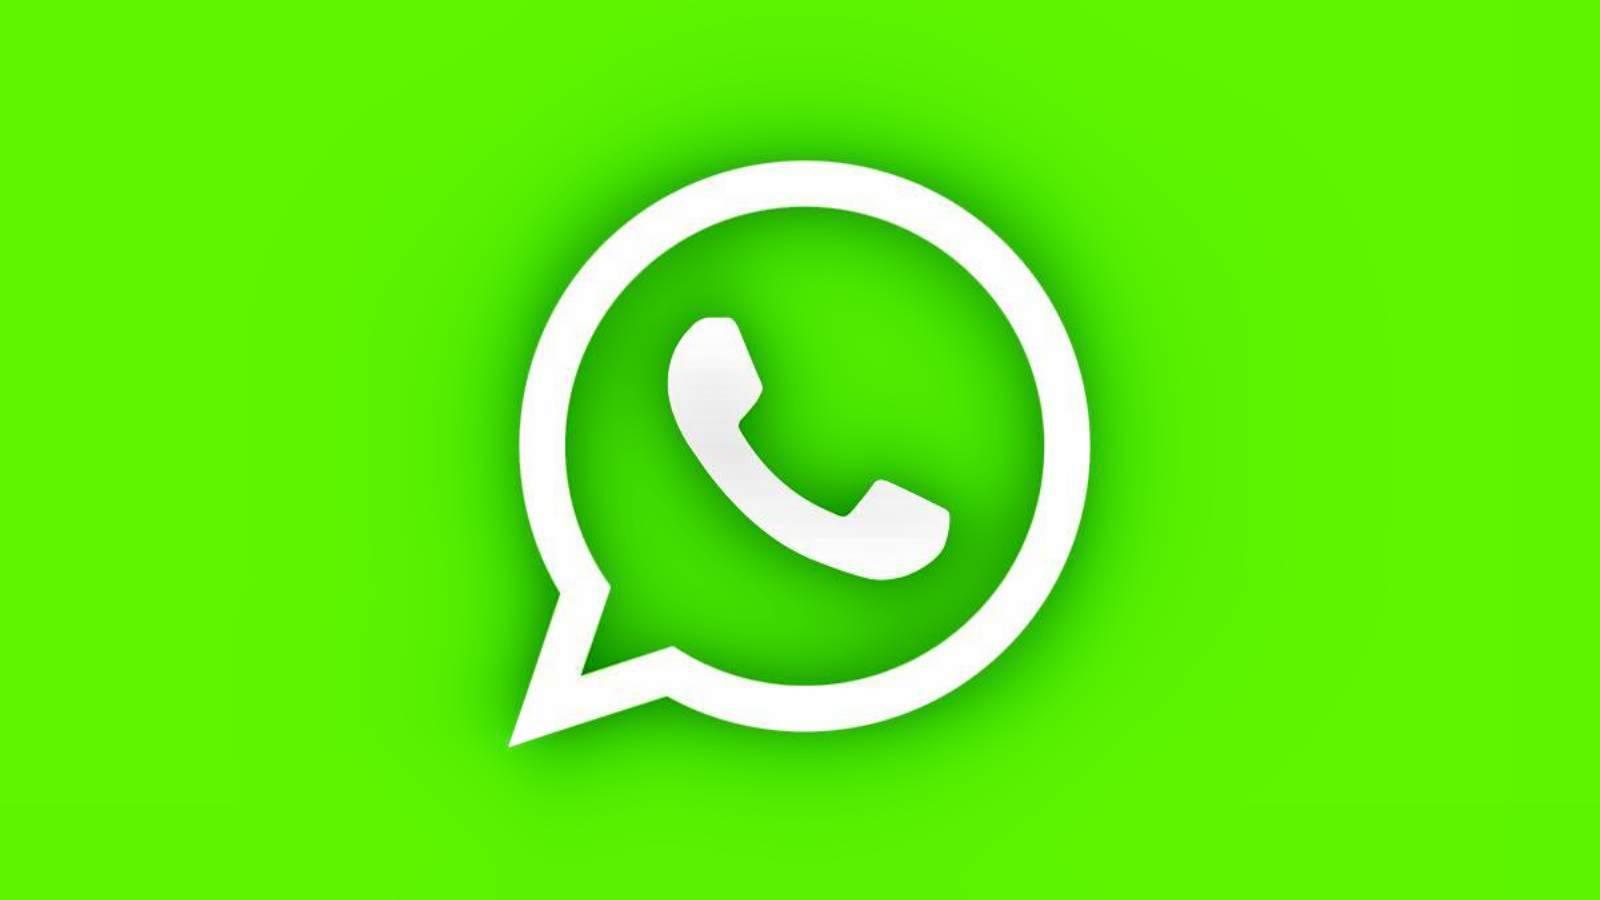 WhatsApp identitate